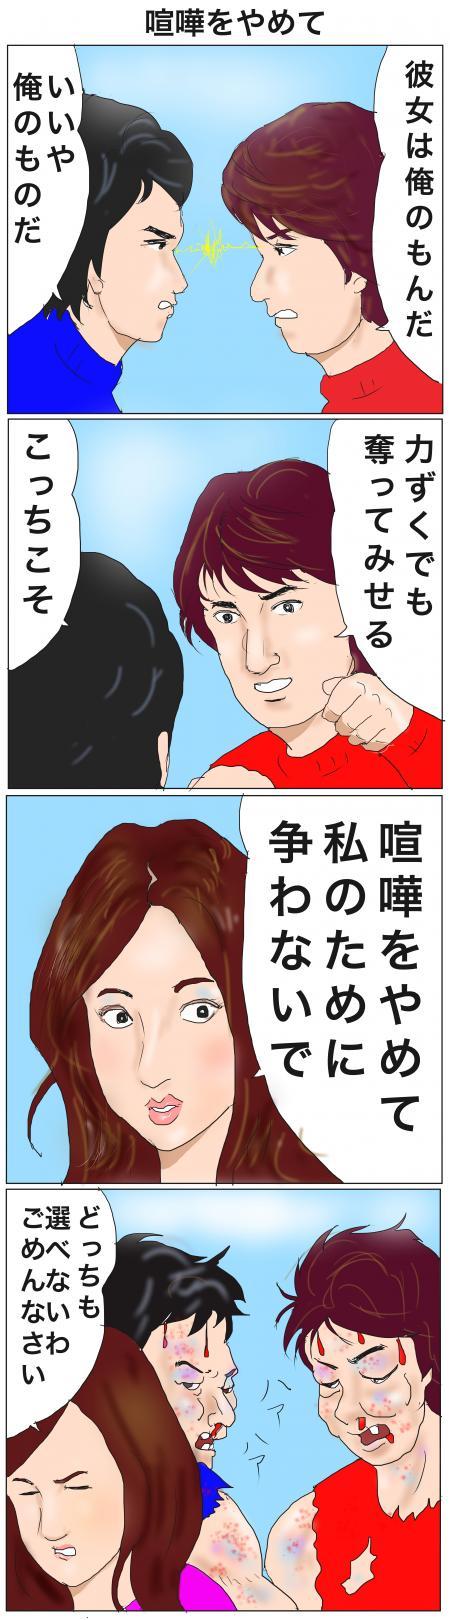 喧嘩をやめて+のコピー_convert_20141206194829